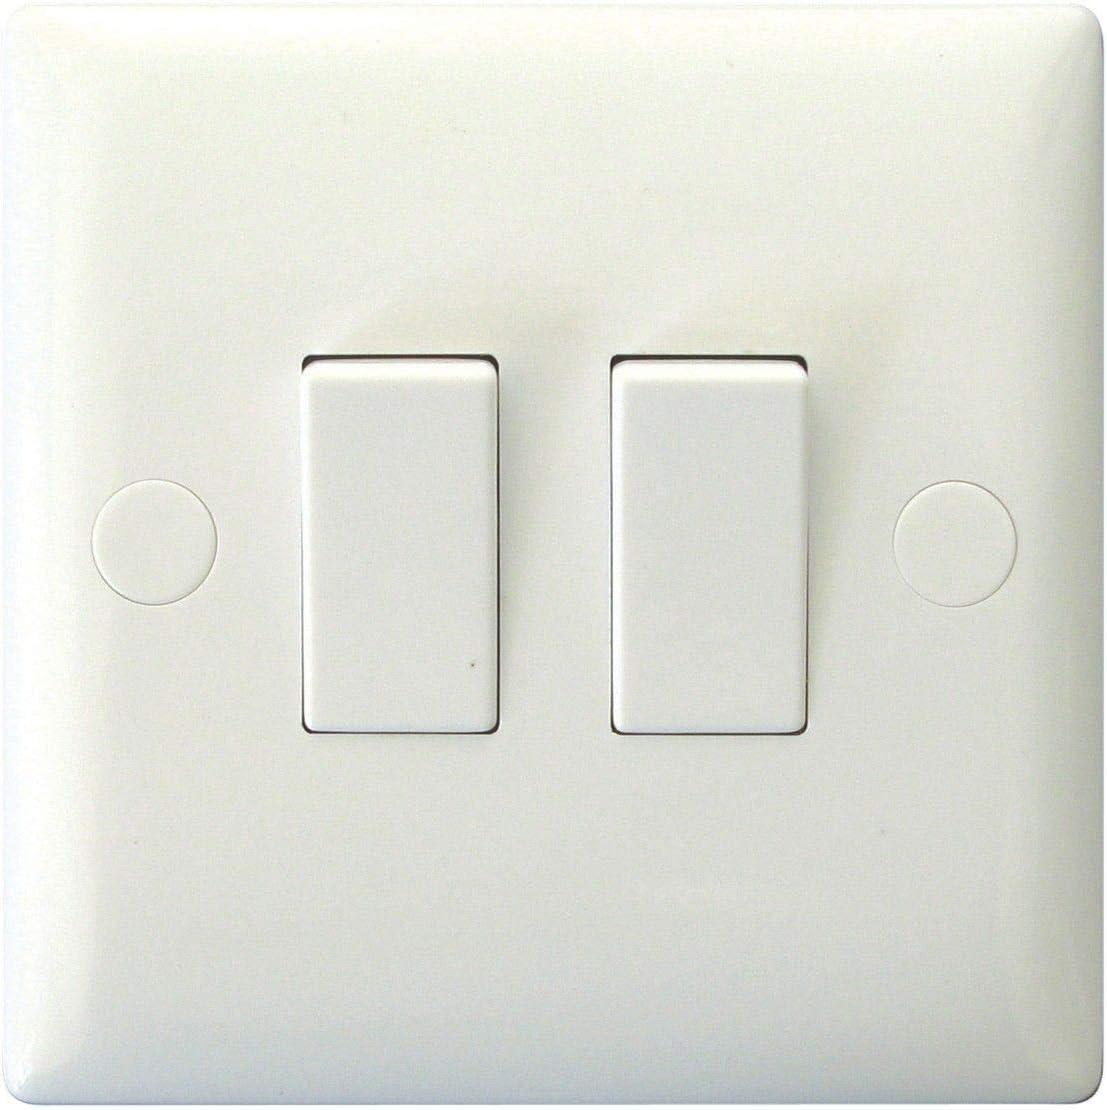 Varilight XO2W - Interruptor de luz para balancín de 1 o 2 vías, 2 interruptores, color blanco: Amazon.es: Bricolaje y herramientas